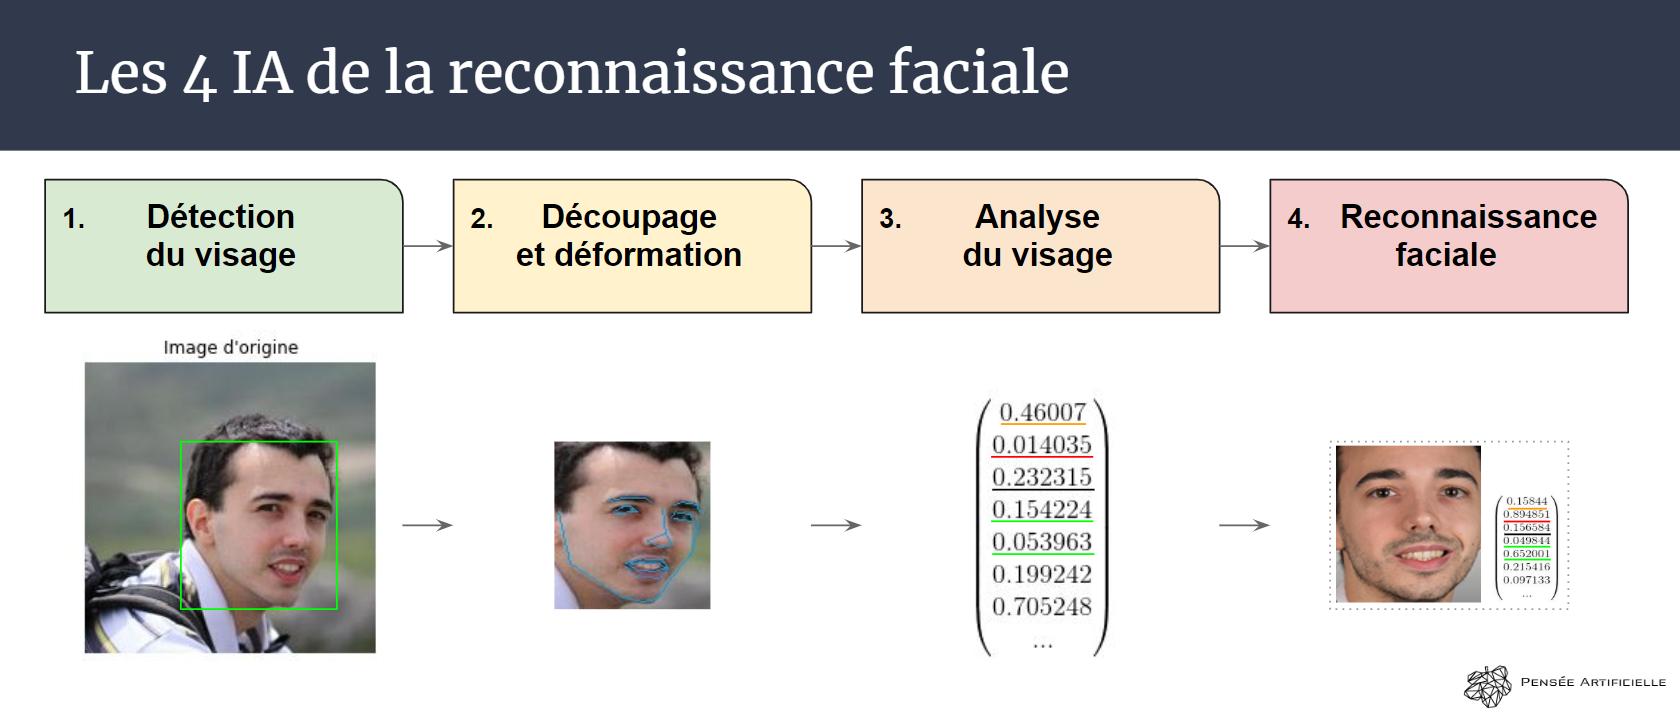 résumé de la reconnaissance faciale